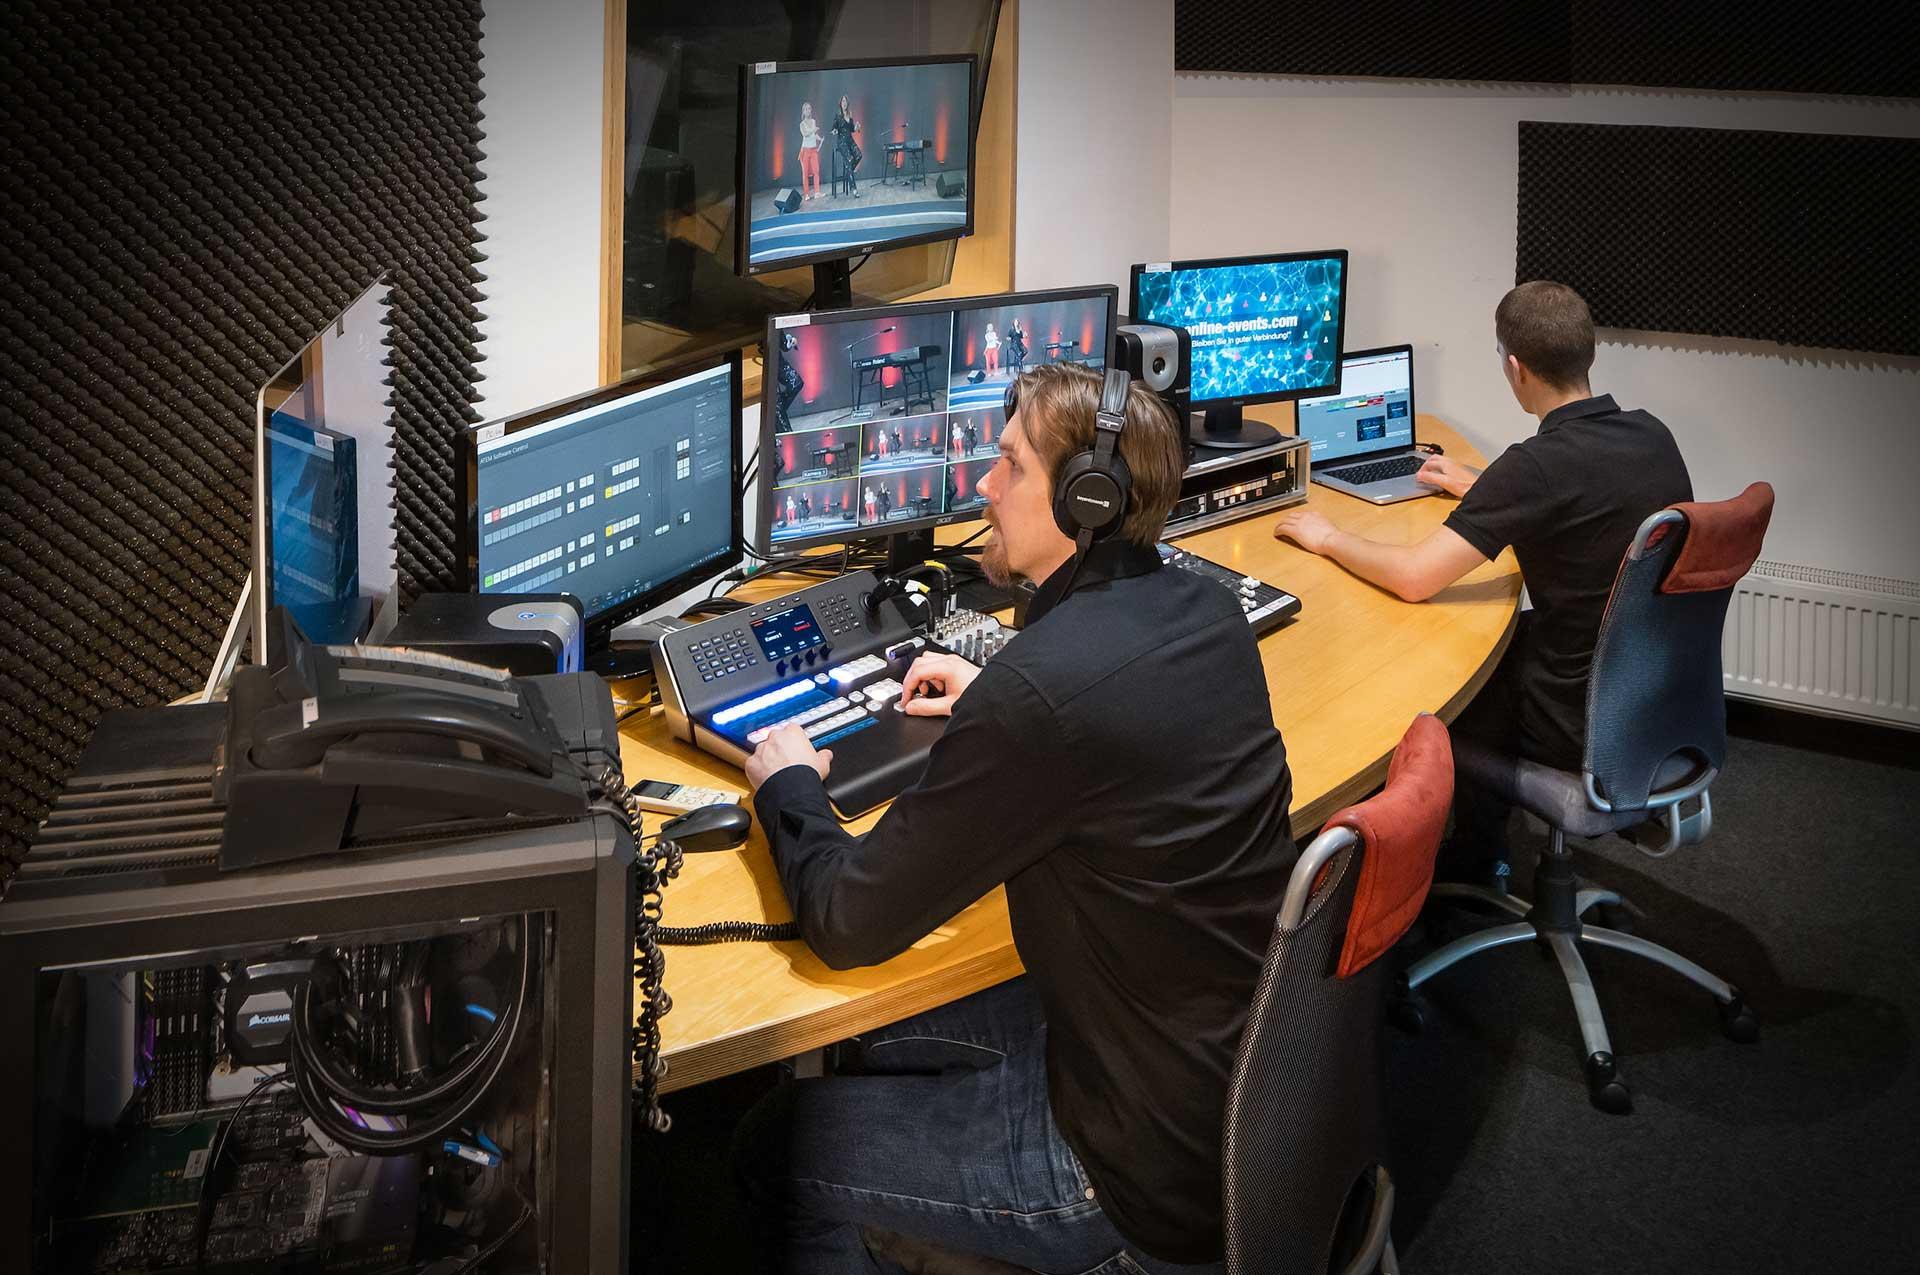 Regie & Technik für Streaming Events und virtuelle Veranstaltungen